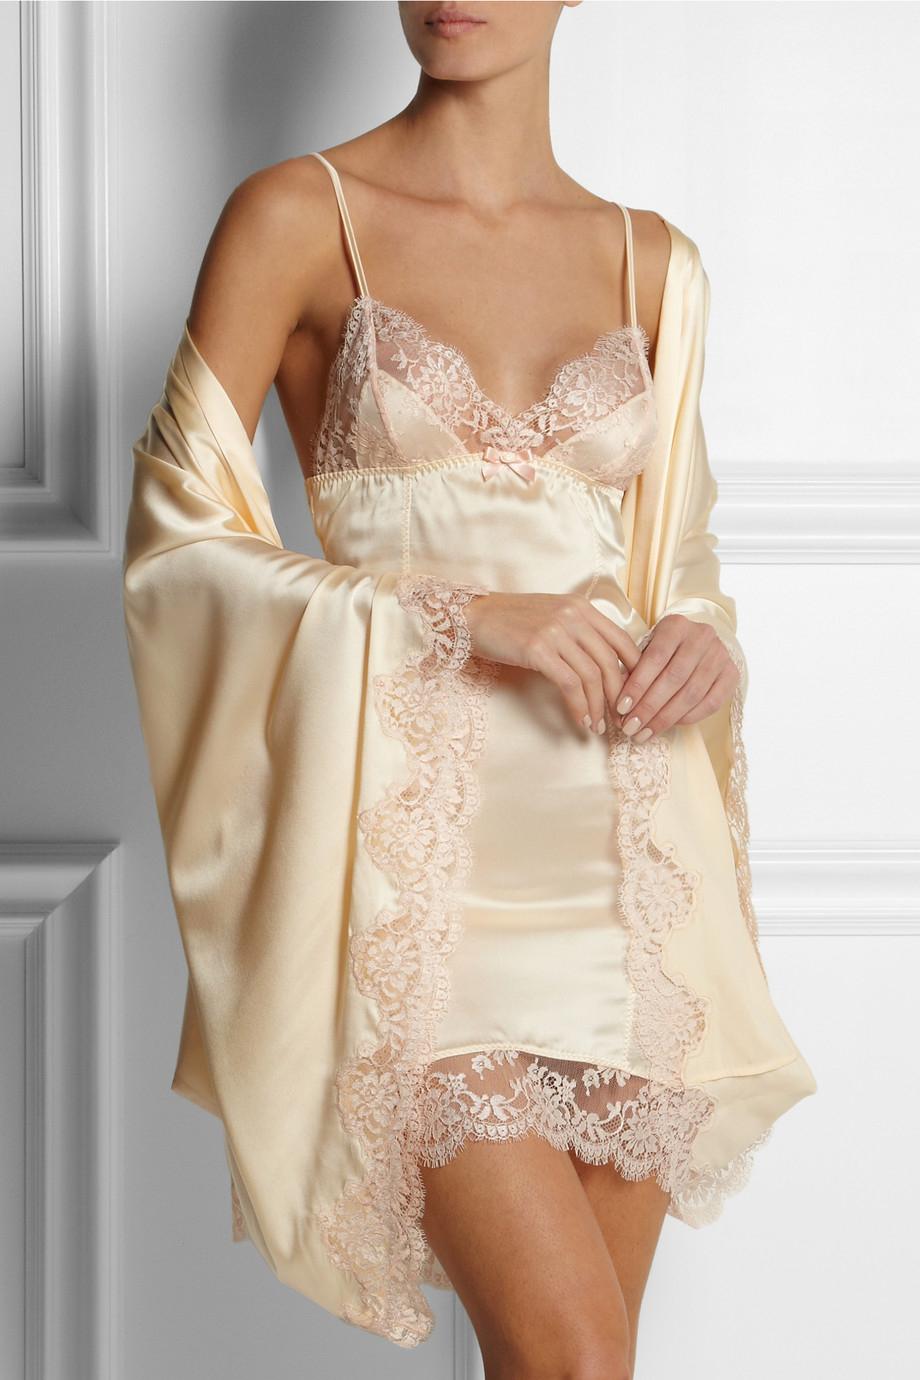 Satin lingerie lace